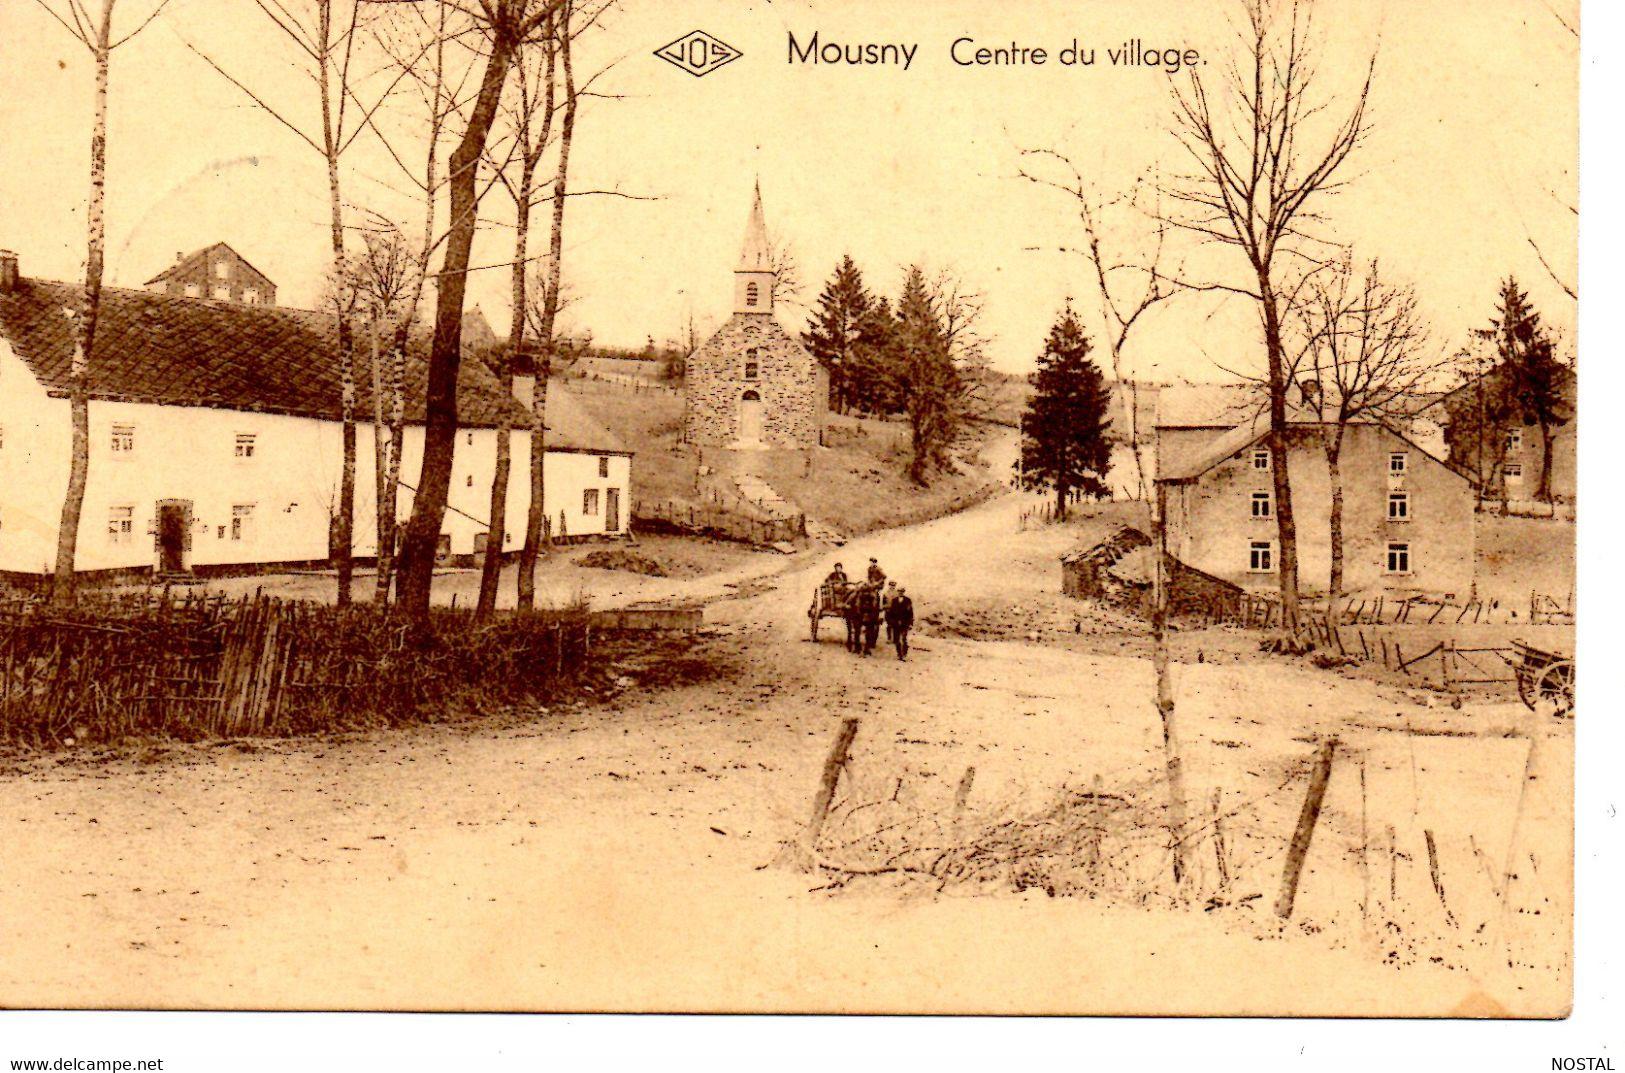 J 53.Mousny: Centre Du Village - La-Roche-en-Ardenne